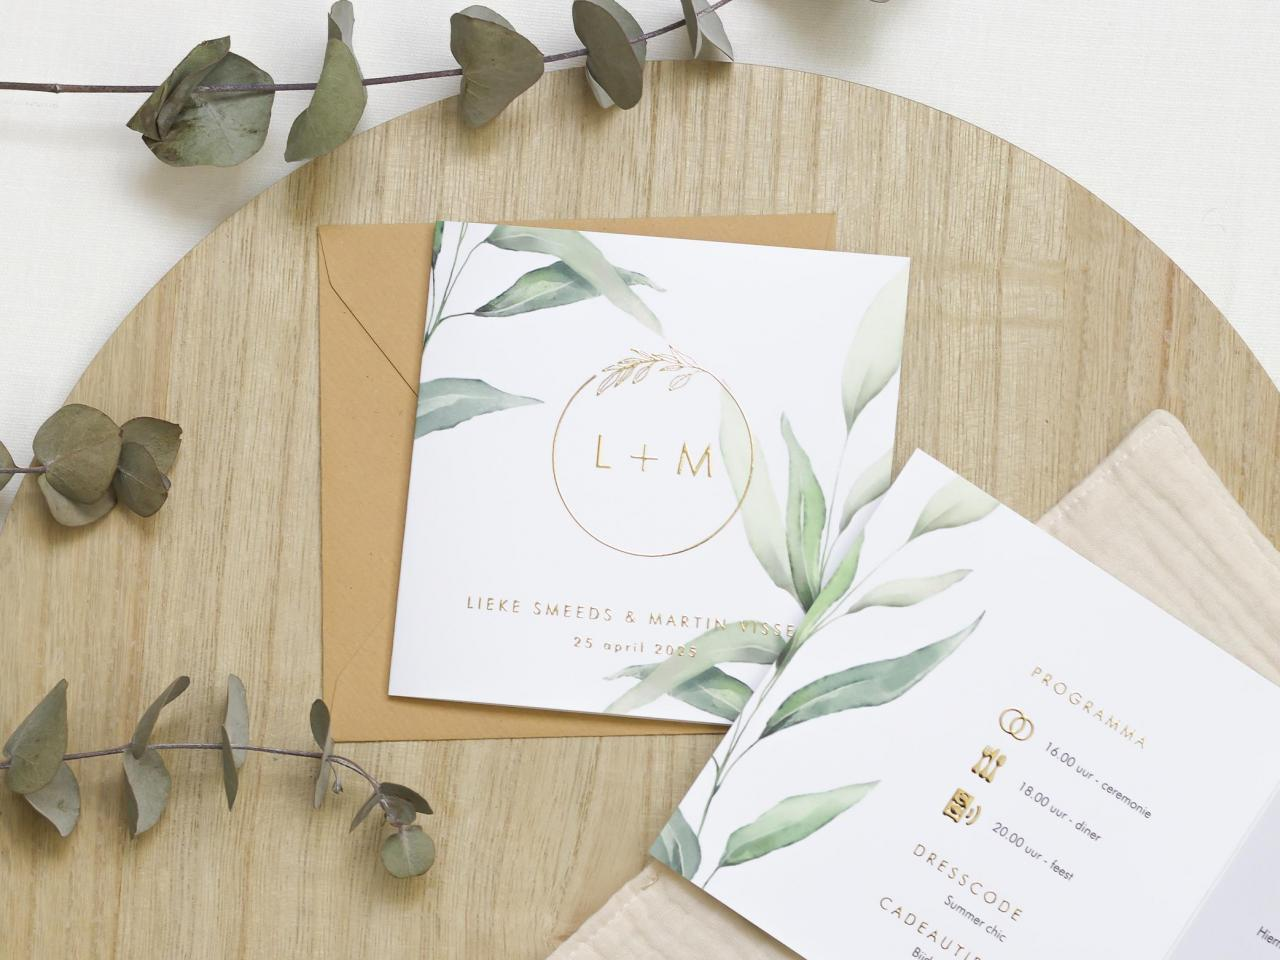 Botanische trouwkaart met goudfolie initialen trouwkaart Stijlvol Botanisch Brons zilver en goud Aquarel en Watercolor